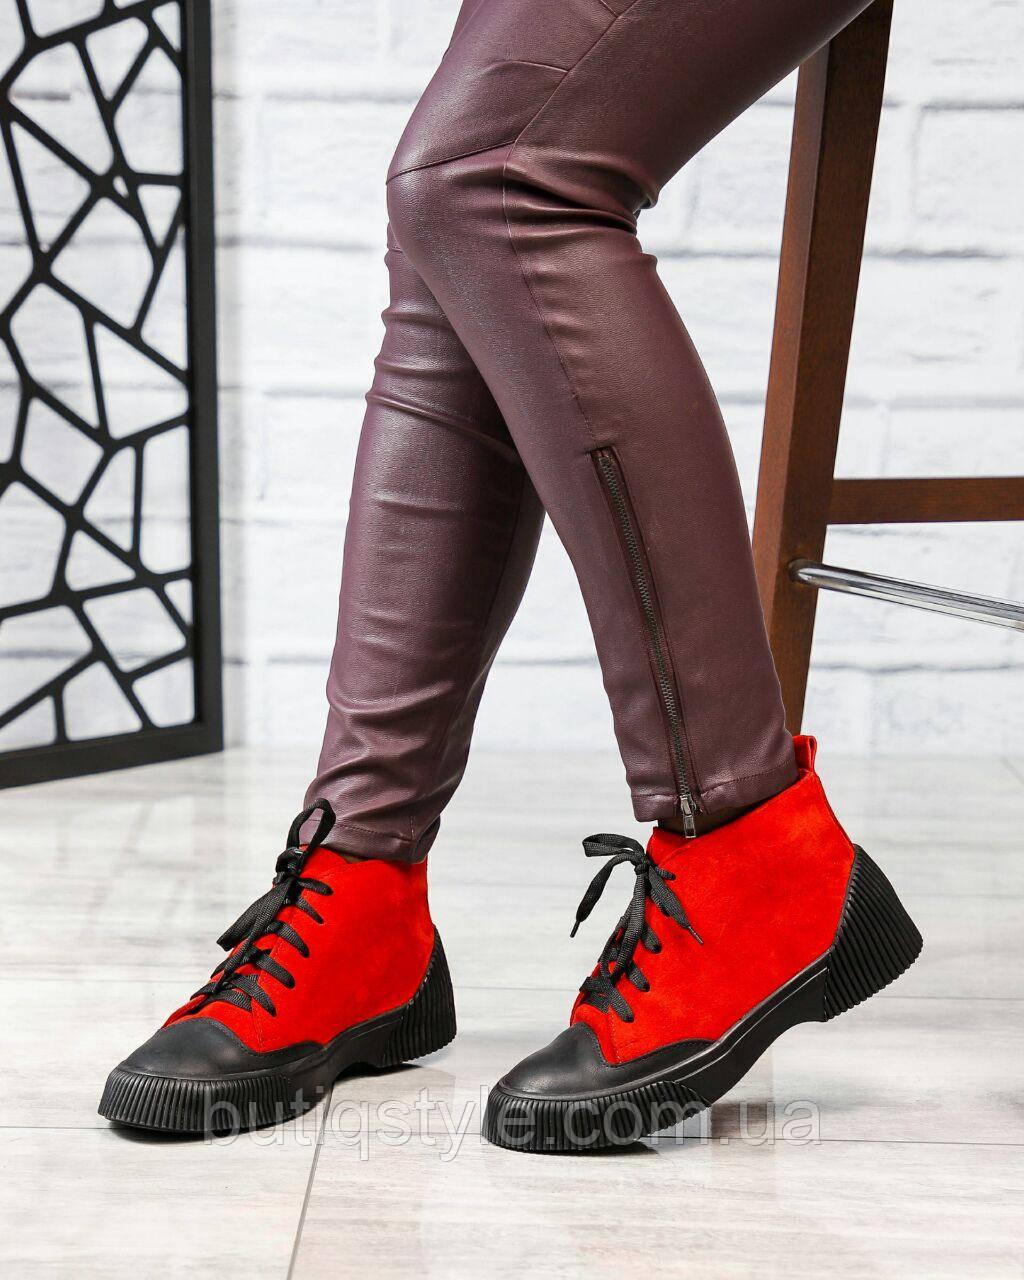 Женские красные ботинки натуральная замша на шнуровке Деми